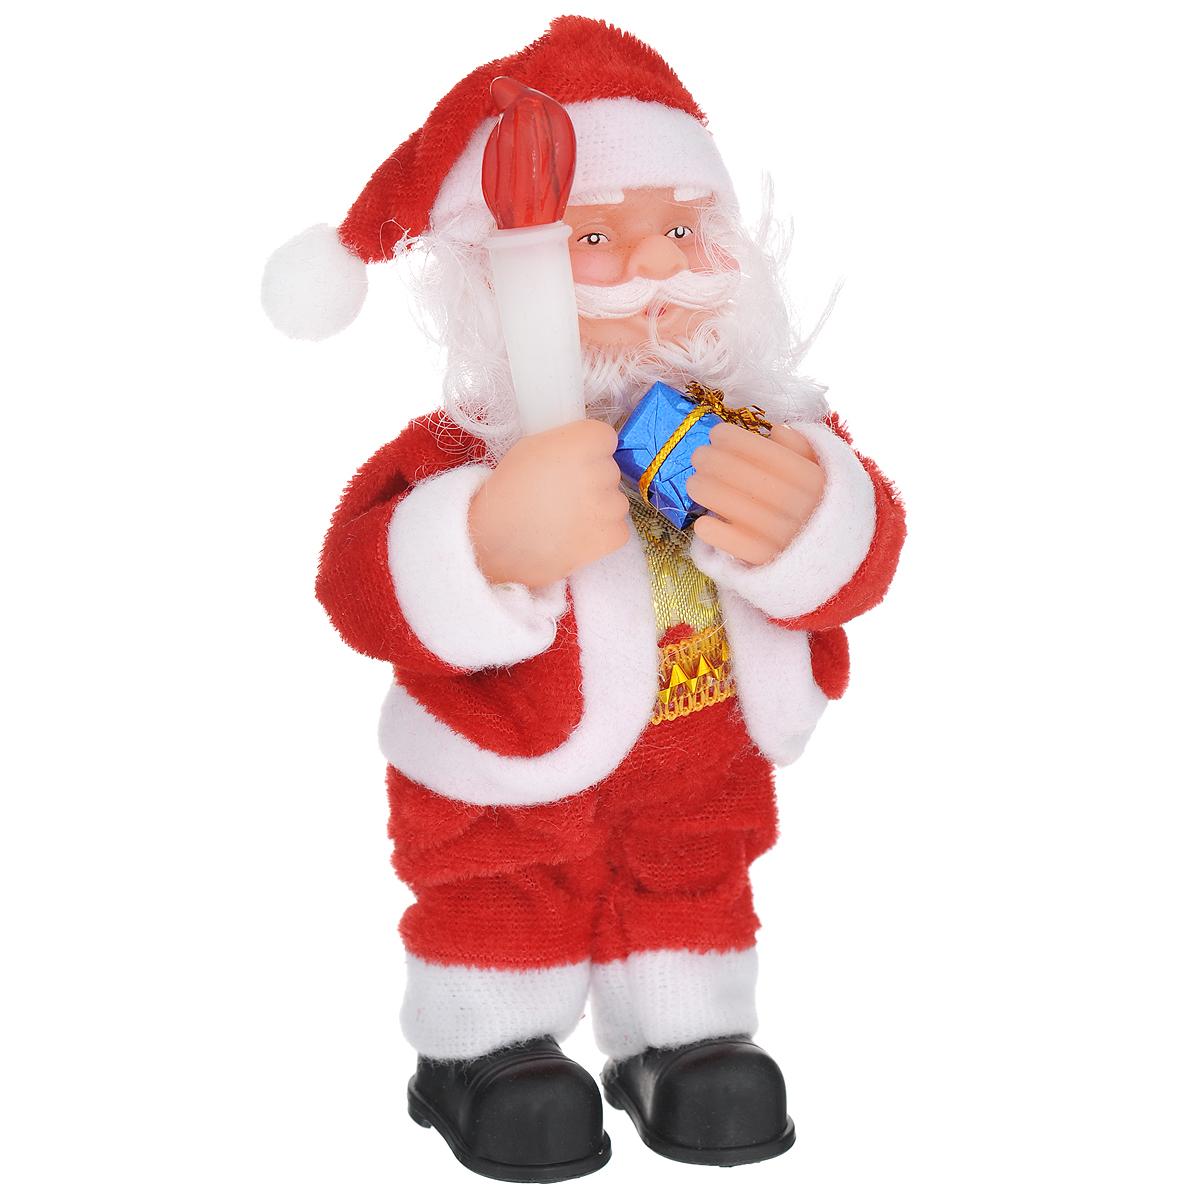 Новогодняя декоративная фигурка Sima-land Дед Мороз, высота 16 см. 703369 фигурка декоративная house & holder дед мороз с подсветкой высота 9 см